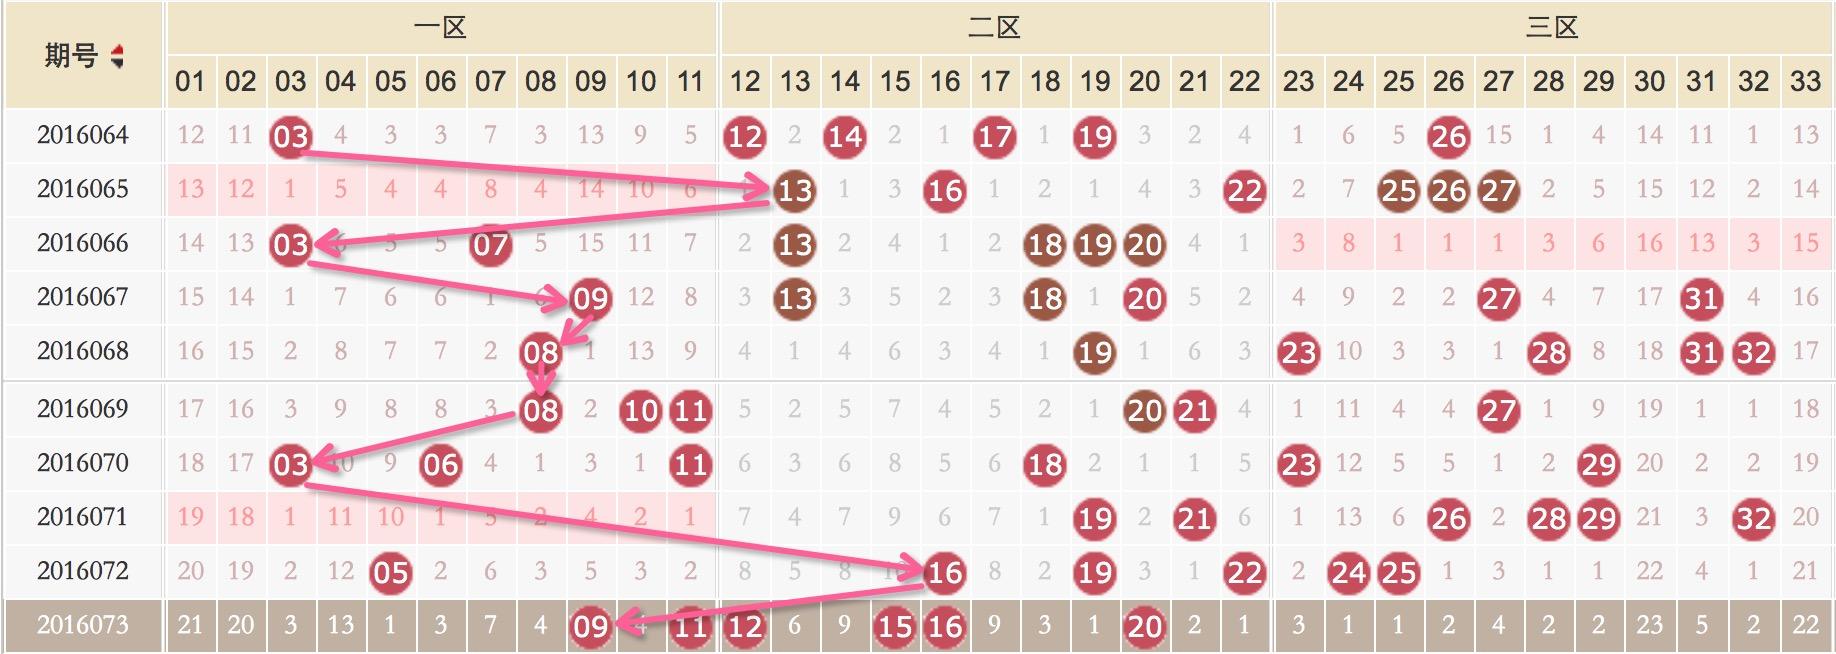 福彩双色球开奖结果88-彩88 双色球第16074期龙头预测 看好三码 微信